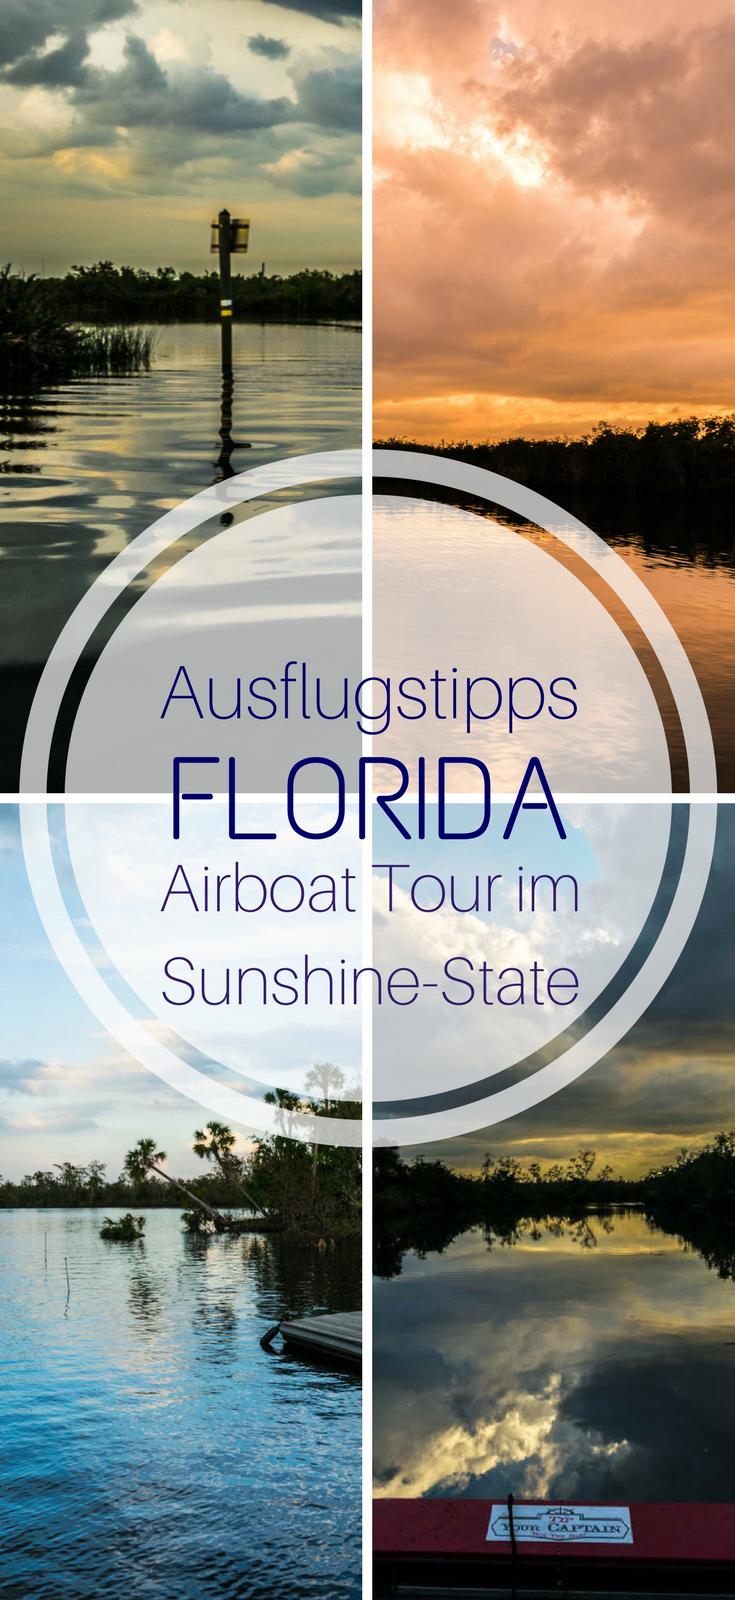 Ausflugstipps Florida - Airboat Tour im Sunshine-State